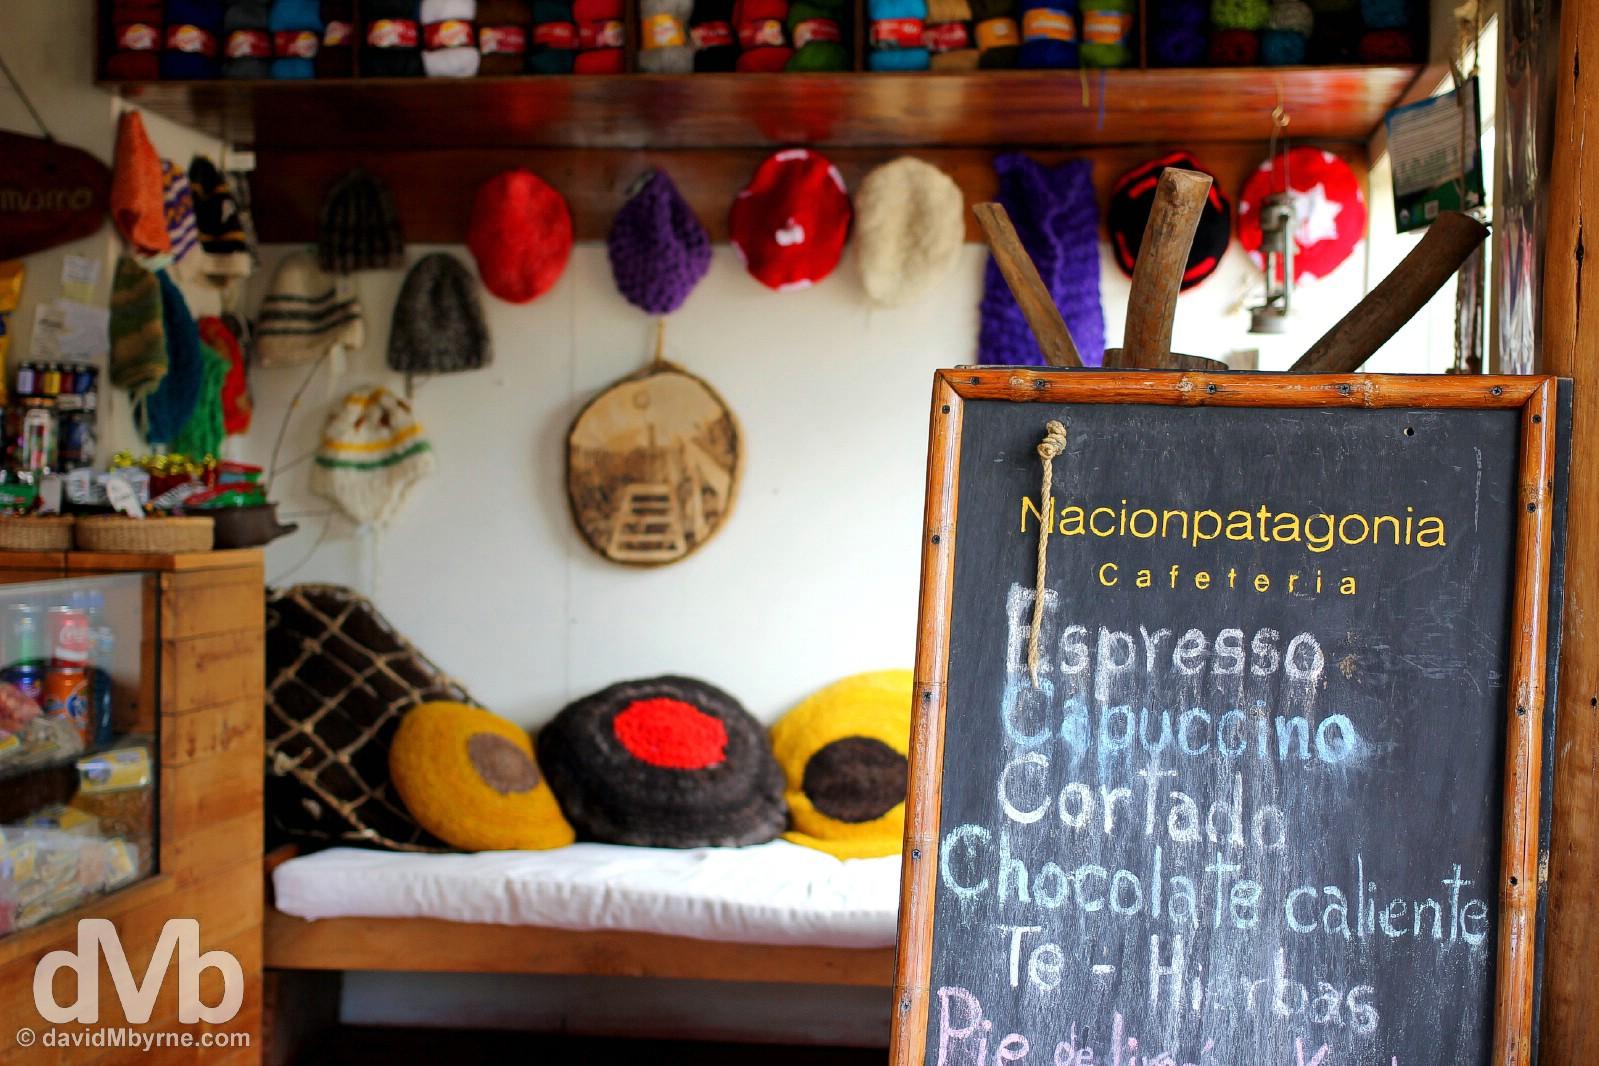 Nacionpatagonia Cafeteria off Plaza de Armas, Cochrane, Aysen, Chile. October 30, 2015.